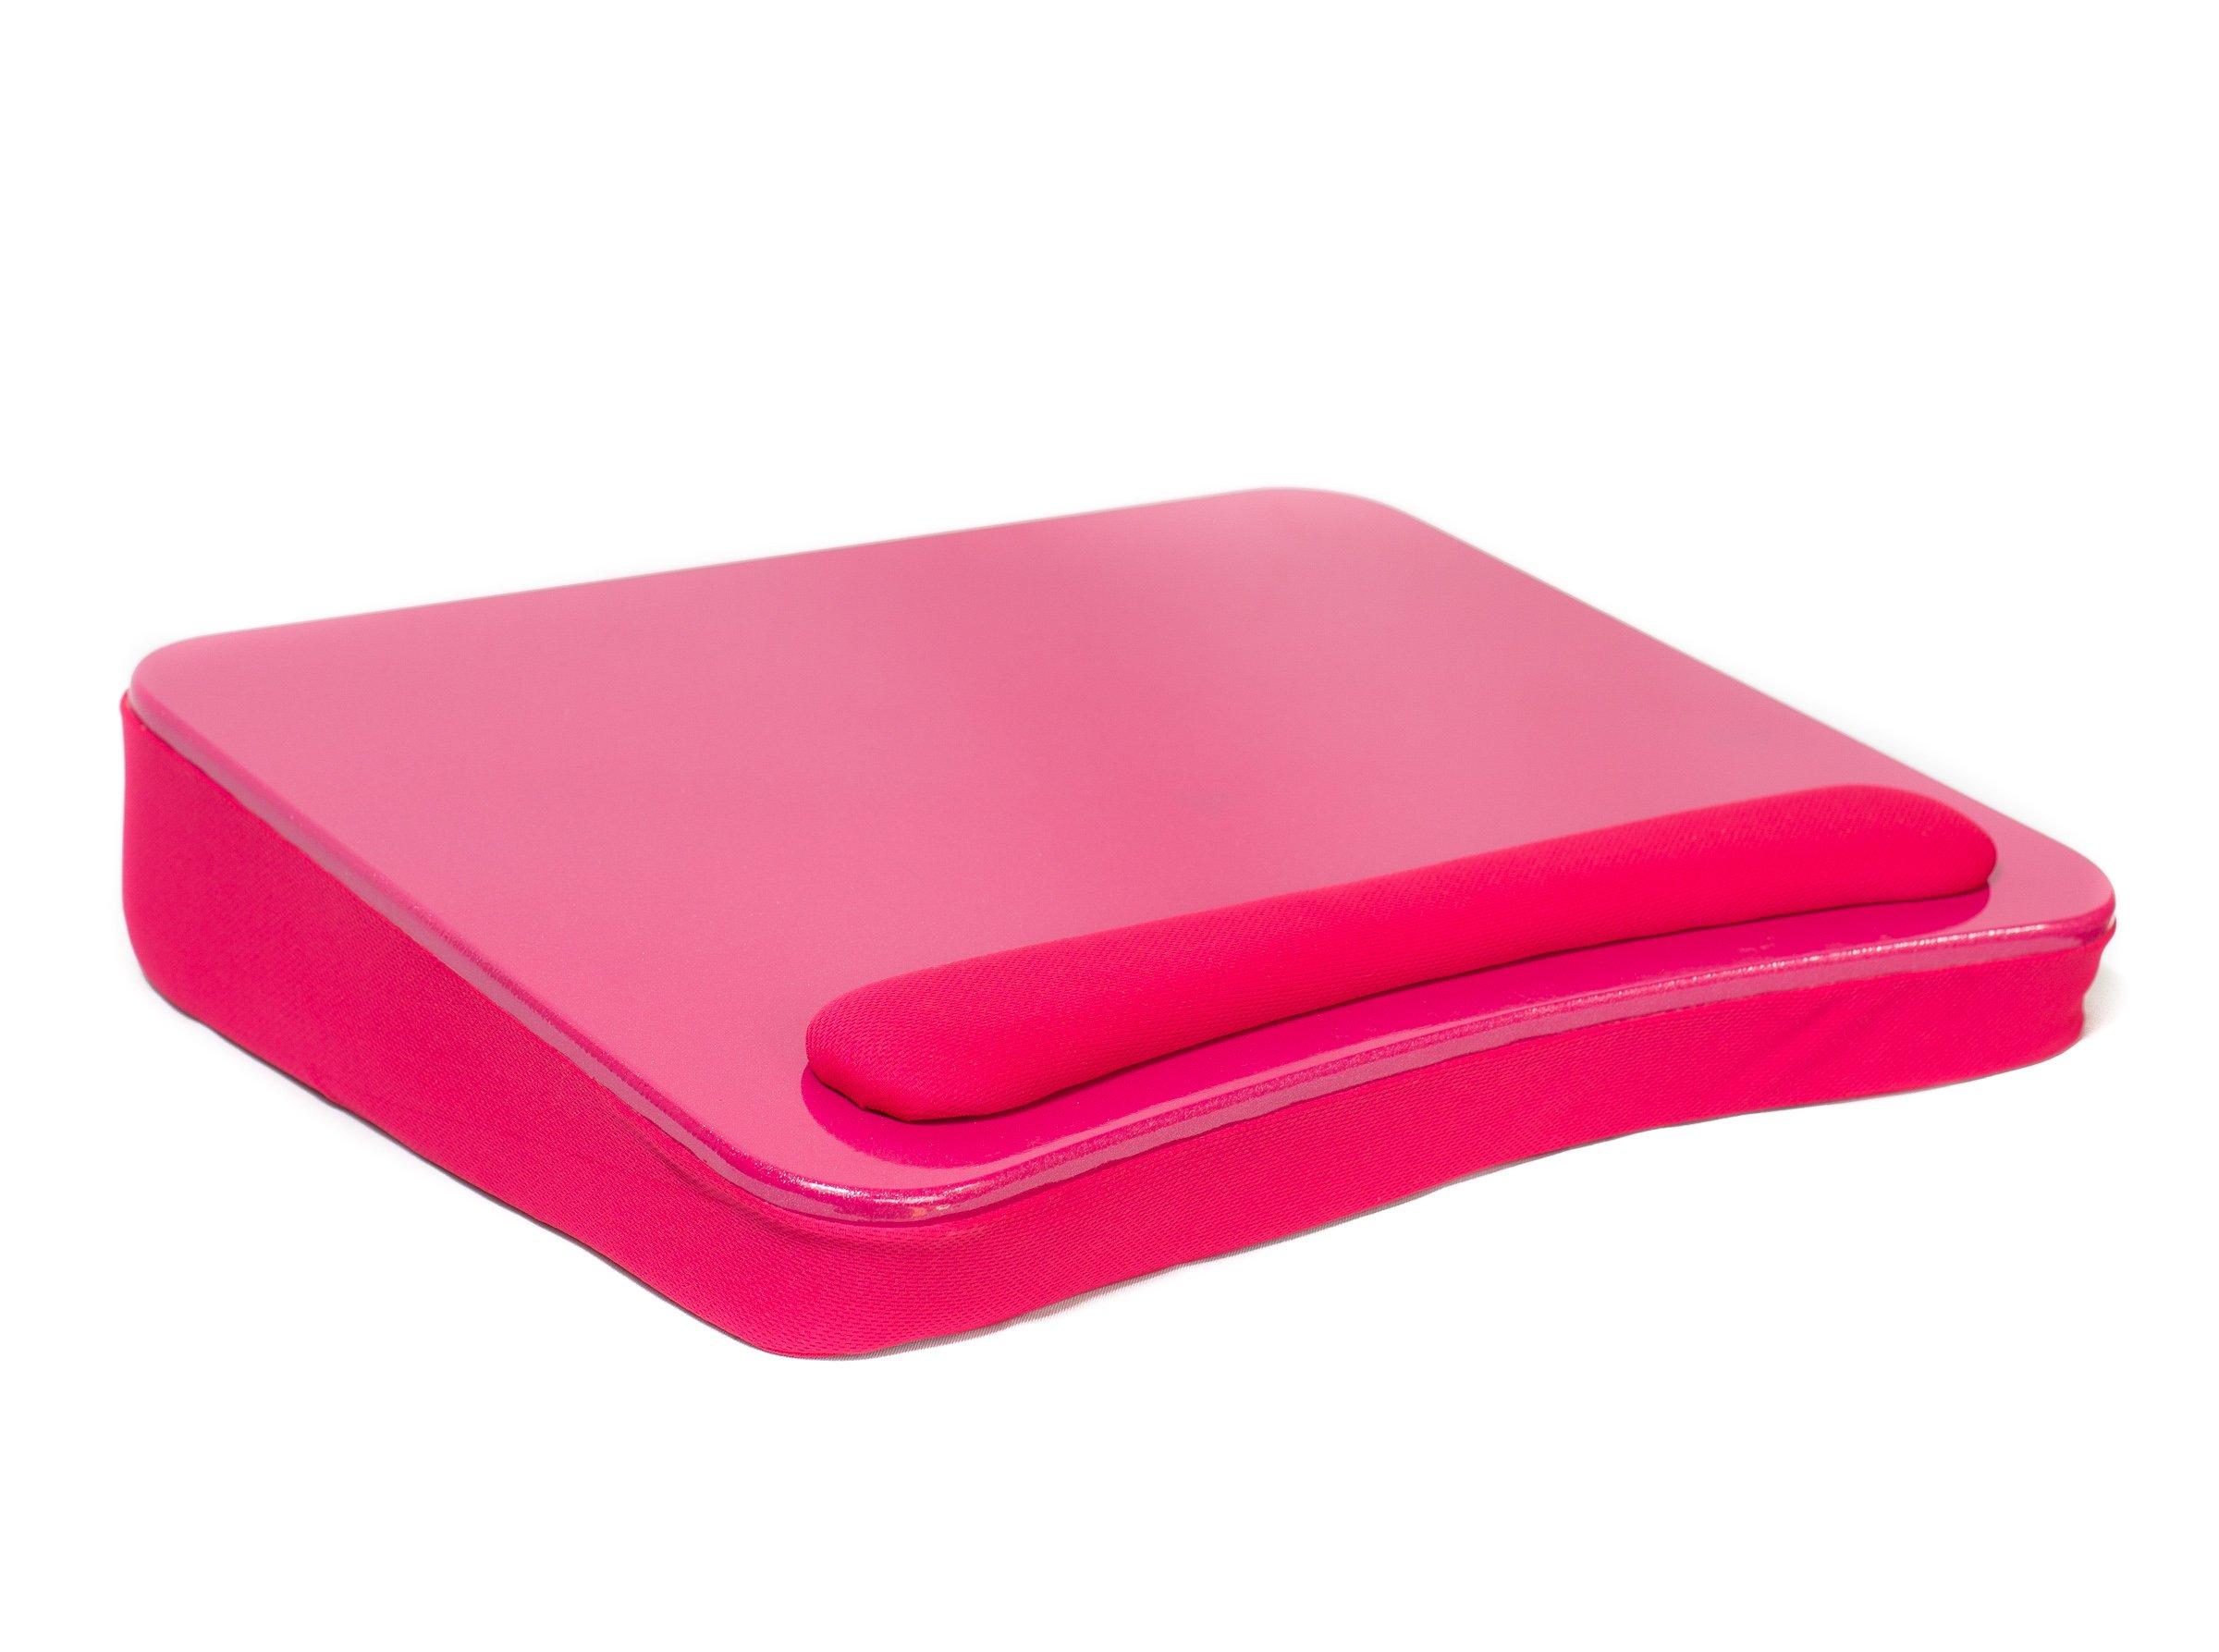 Sofia + Sam All-Purpose Lap Desk Color: Pink